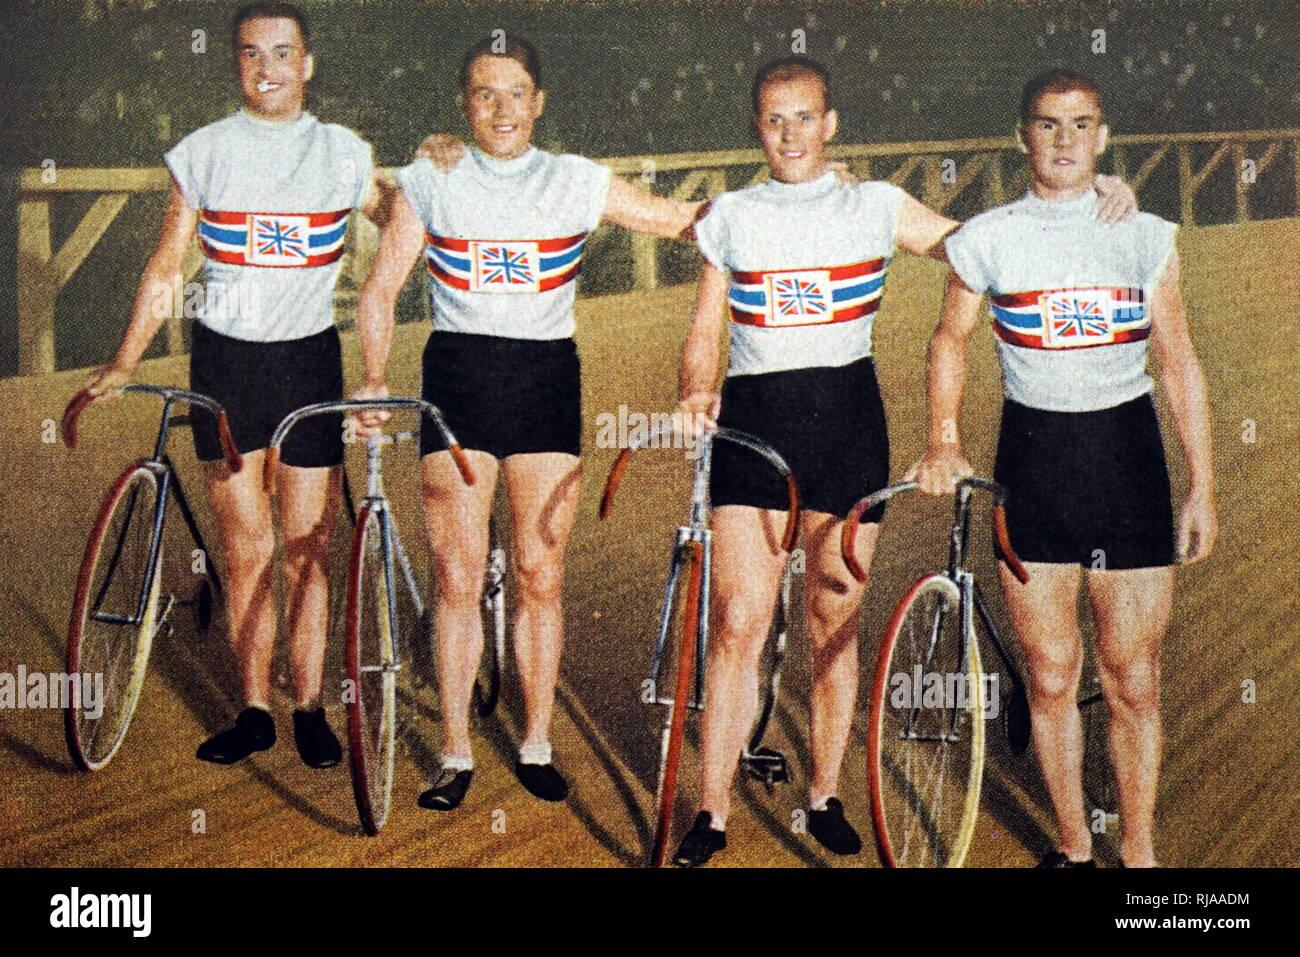 Fotografía de Gran Bretaña en su búsqueda de equipo en los Juegos Olímpicos de 1932. (De izquierda a derecha) Charles Holland (1908 - 1989), William Frank Southall (1904 - 1964), William Gladstone Harvell (1907 - 1985) y Ernest Alfred Johnson (1912 - 1997). Foto de stock